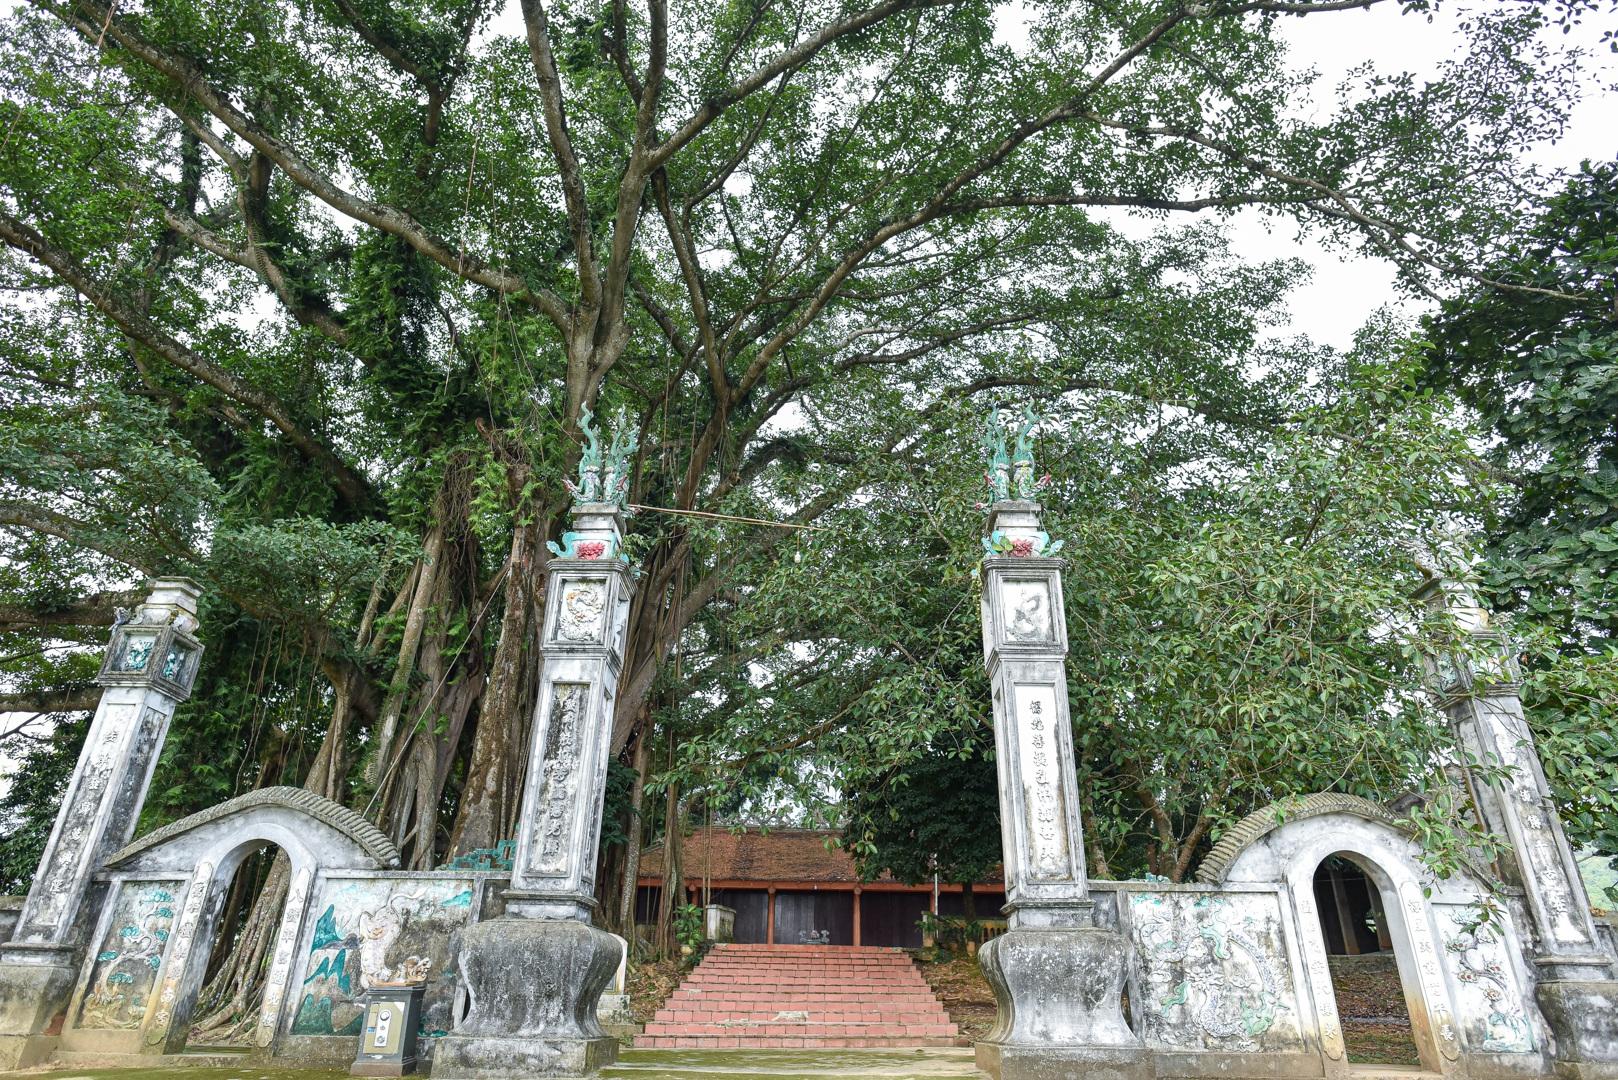 Báu vật đa cổ nghìn năm tuổi độc nhất vô nhị bên ngôi đền thiêng ở Hà Nội - 1